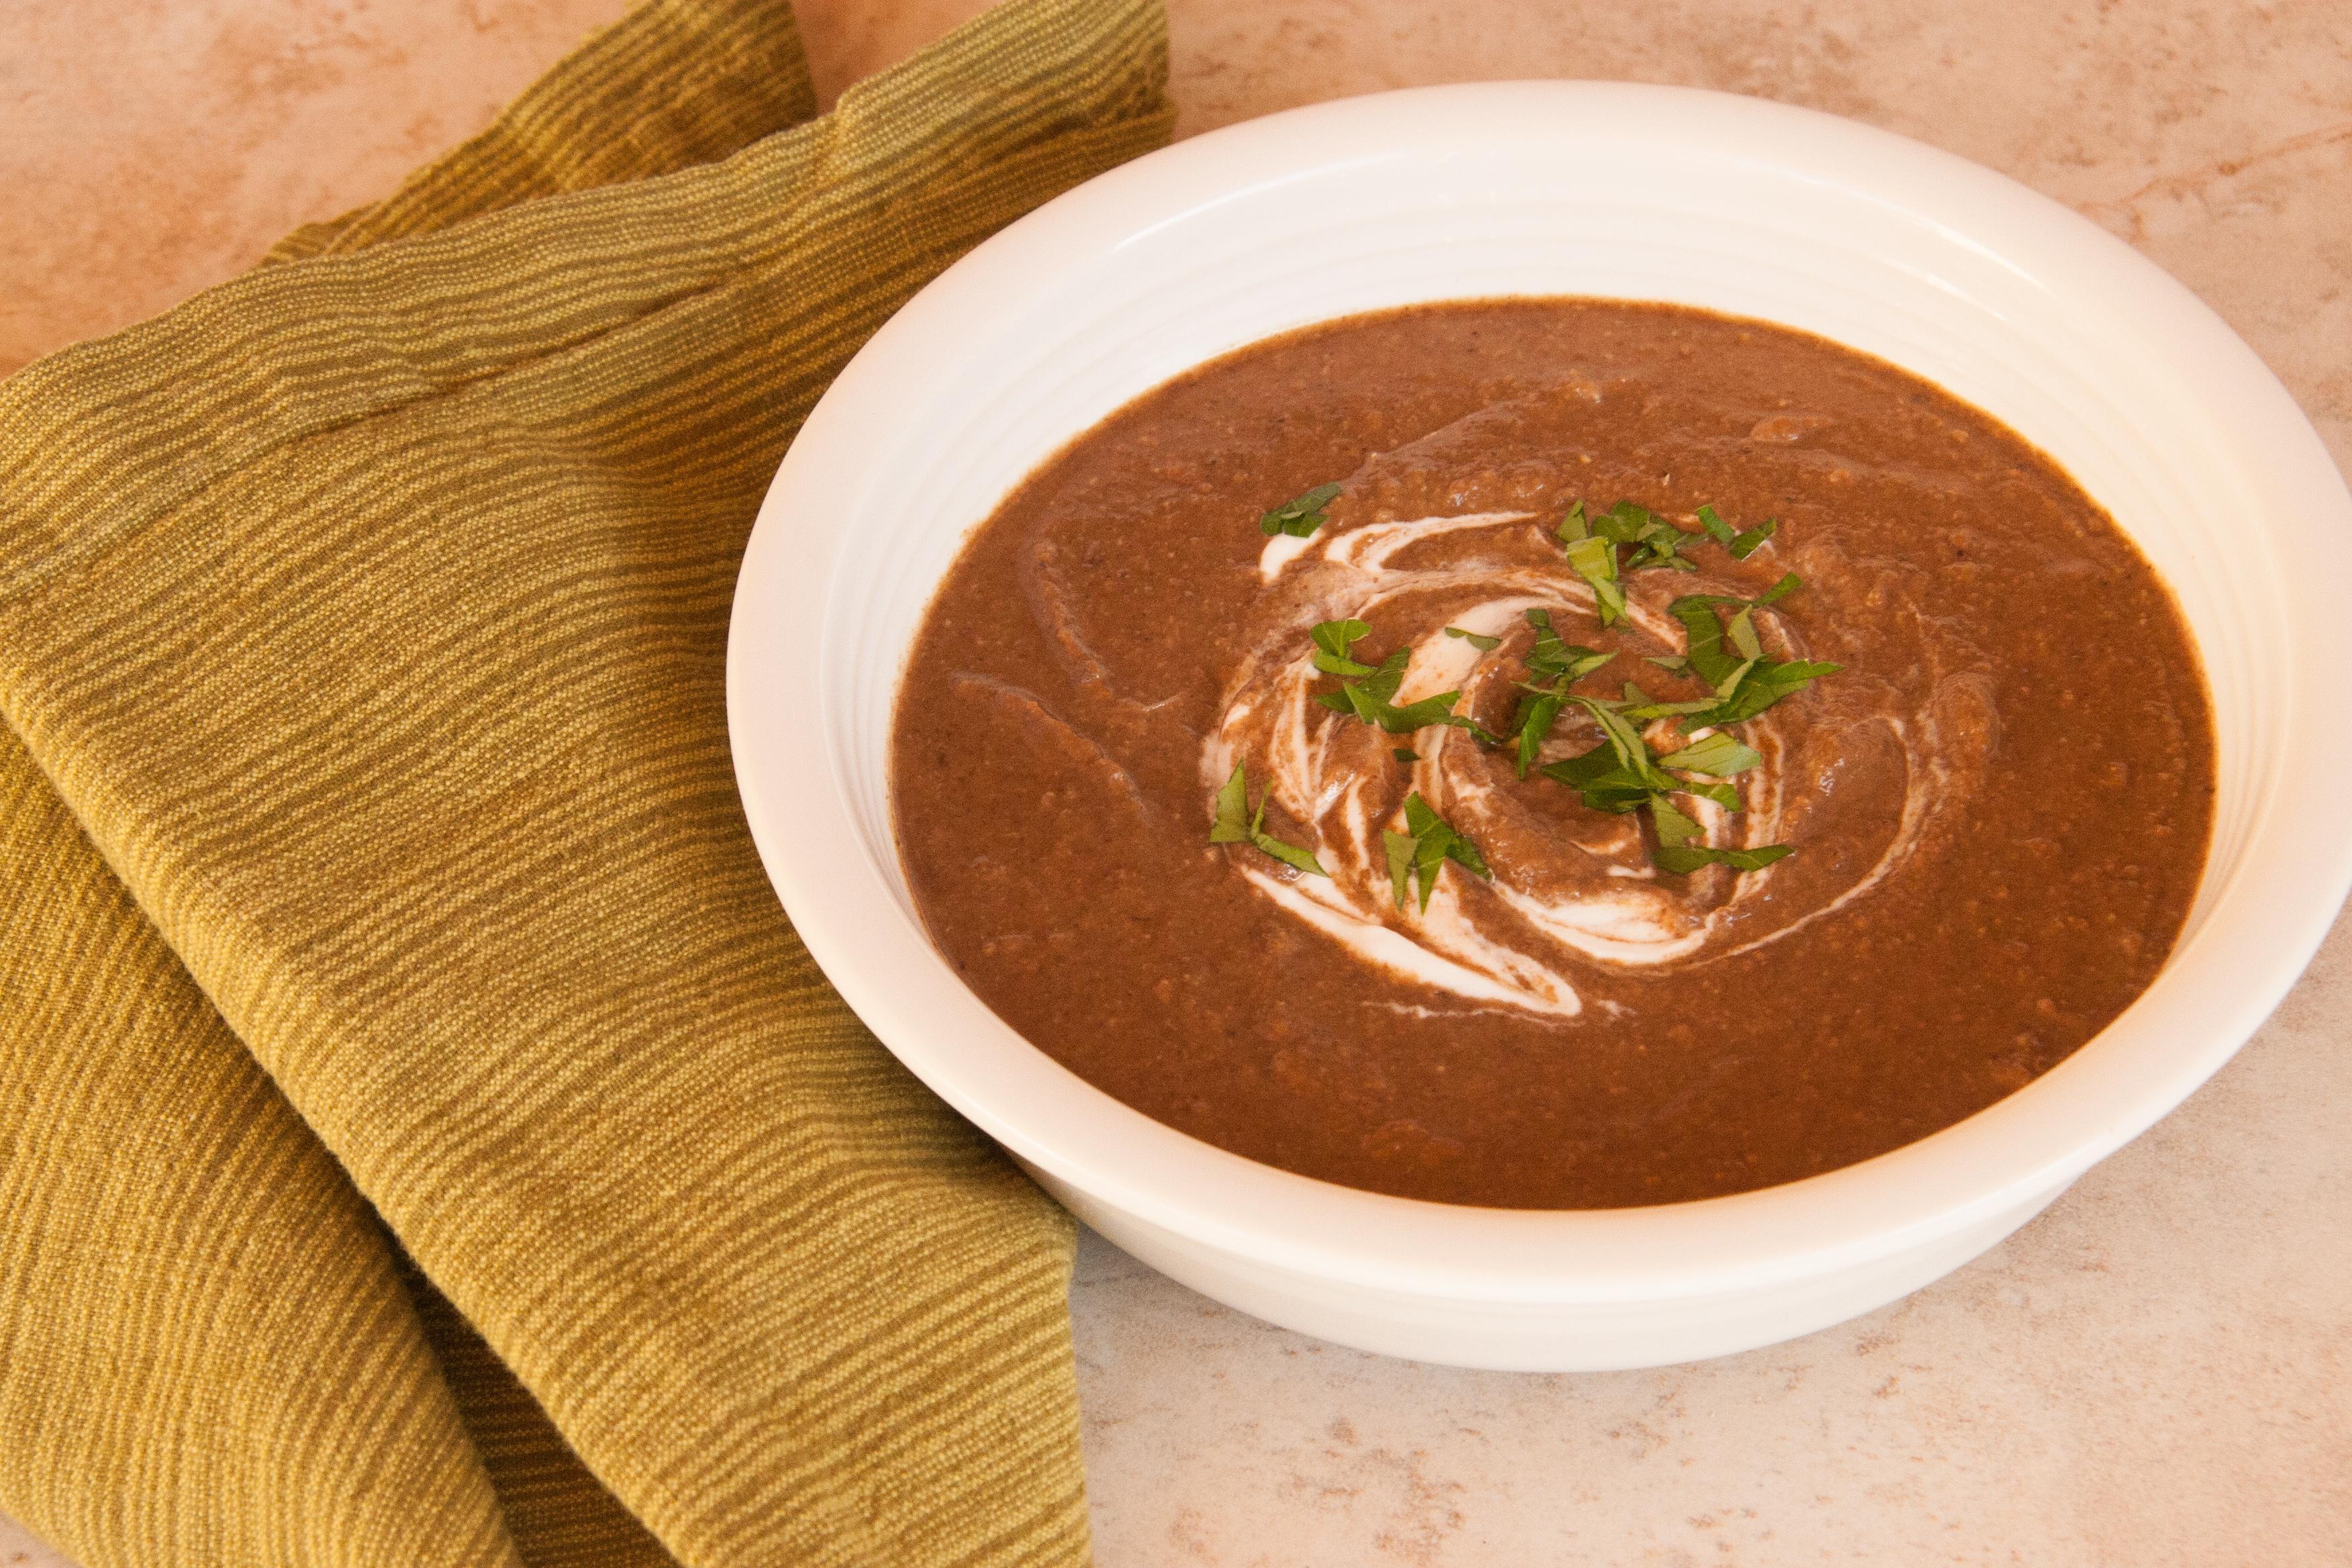 Acorn Mushroom Soup Recipe